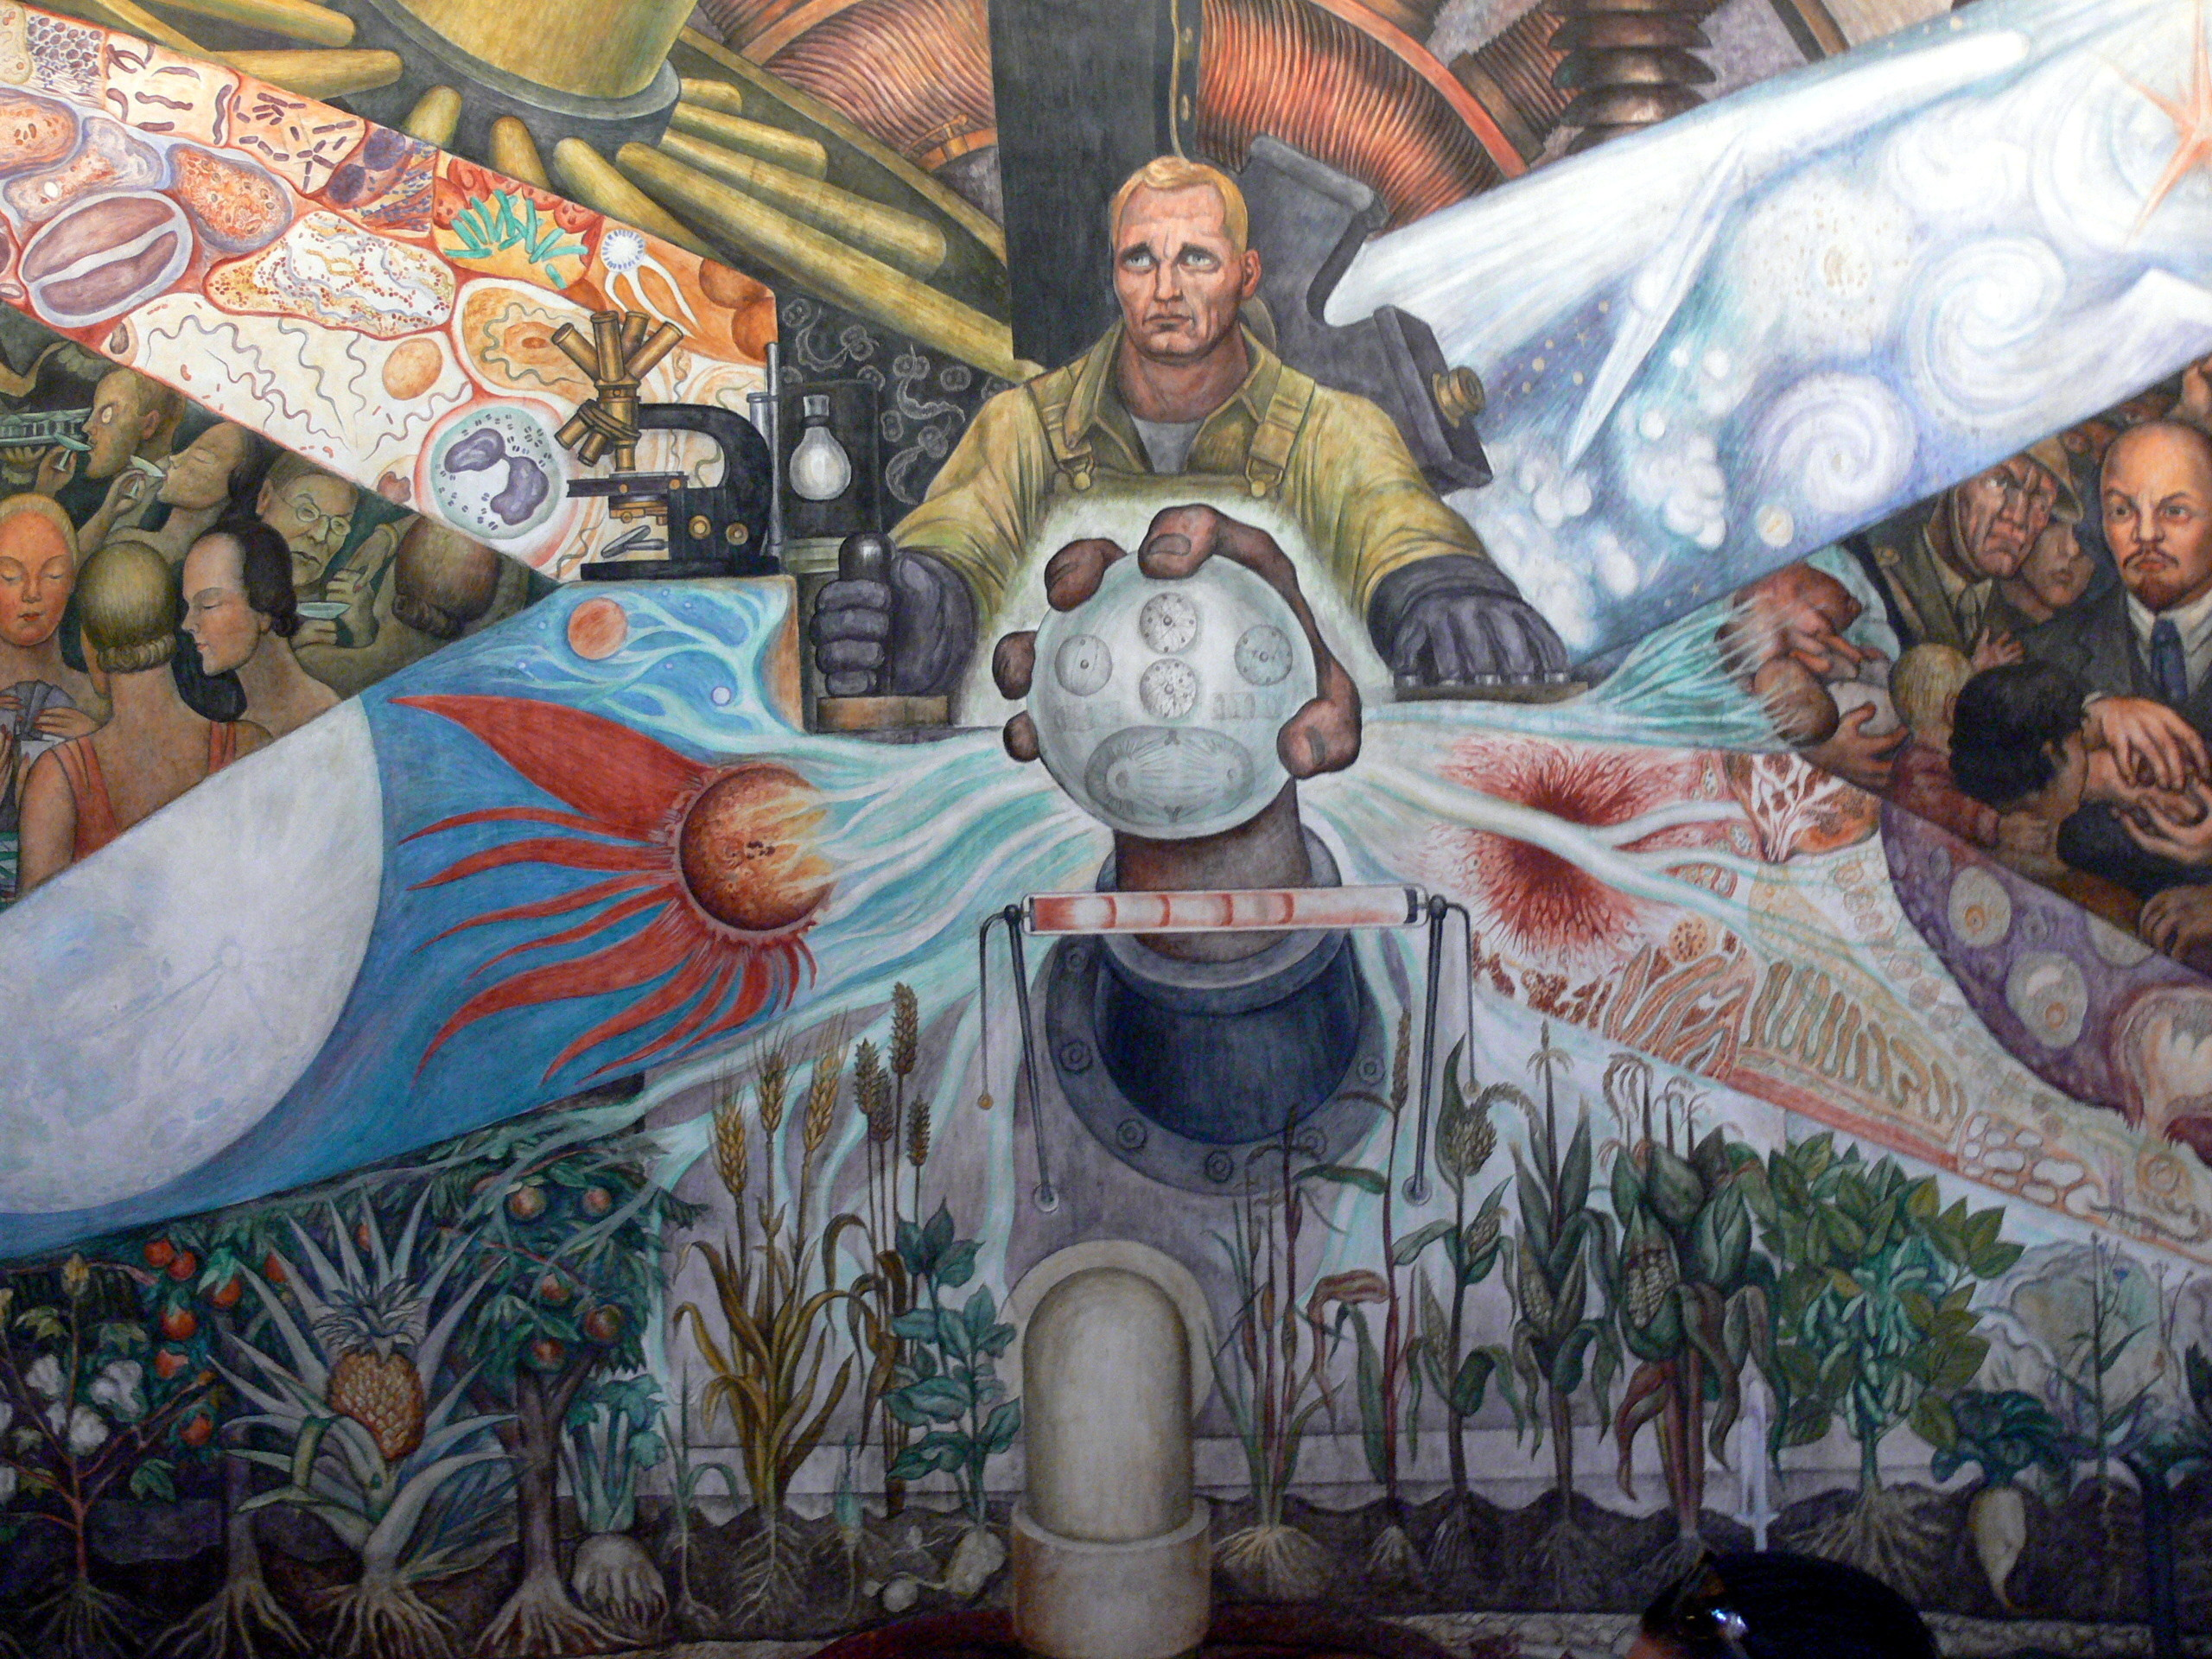 Res: 2560x1920, File:Palacio de Bellas Artes - Mural El Hombre in cruce de caminos Rivera 3